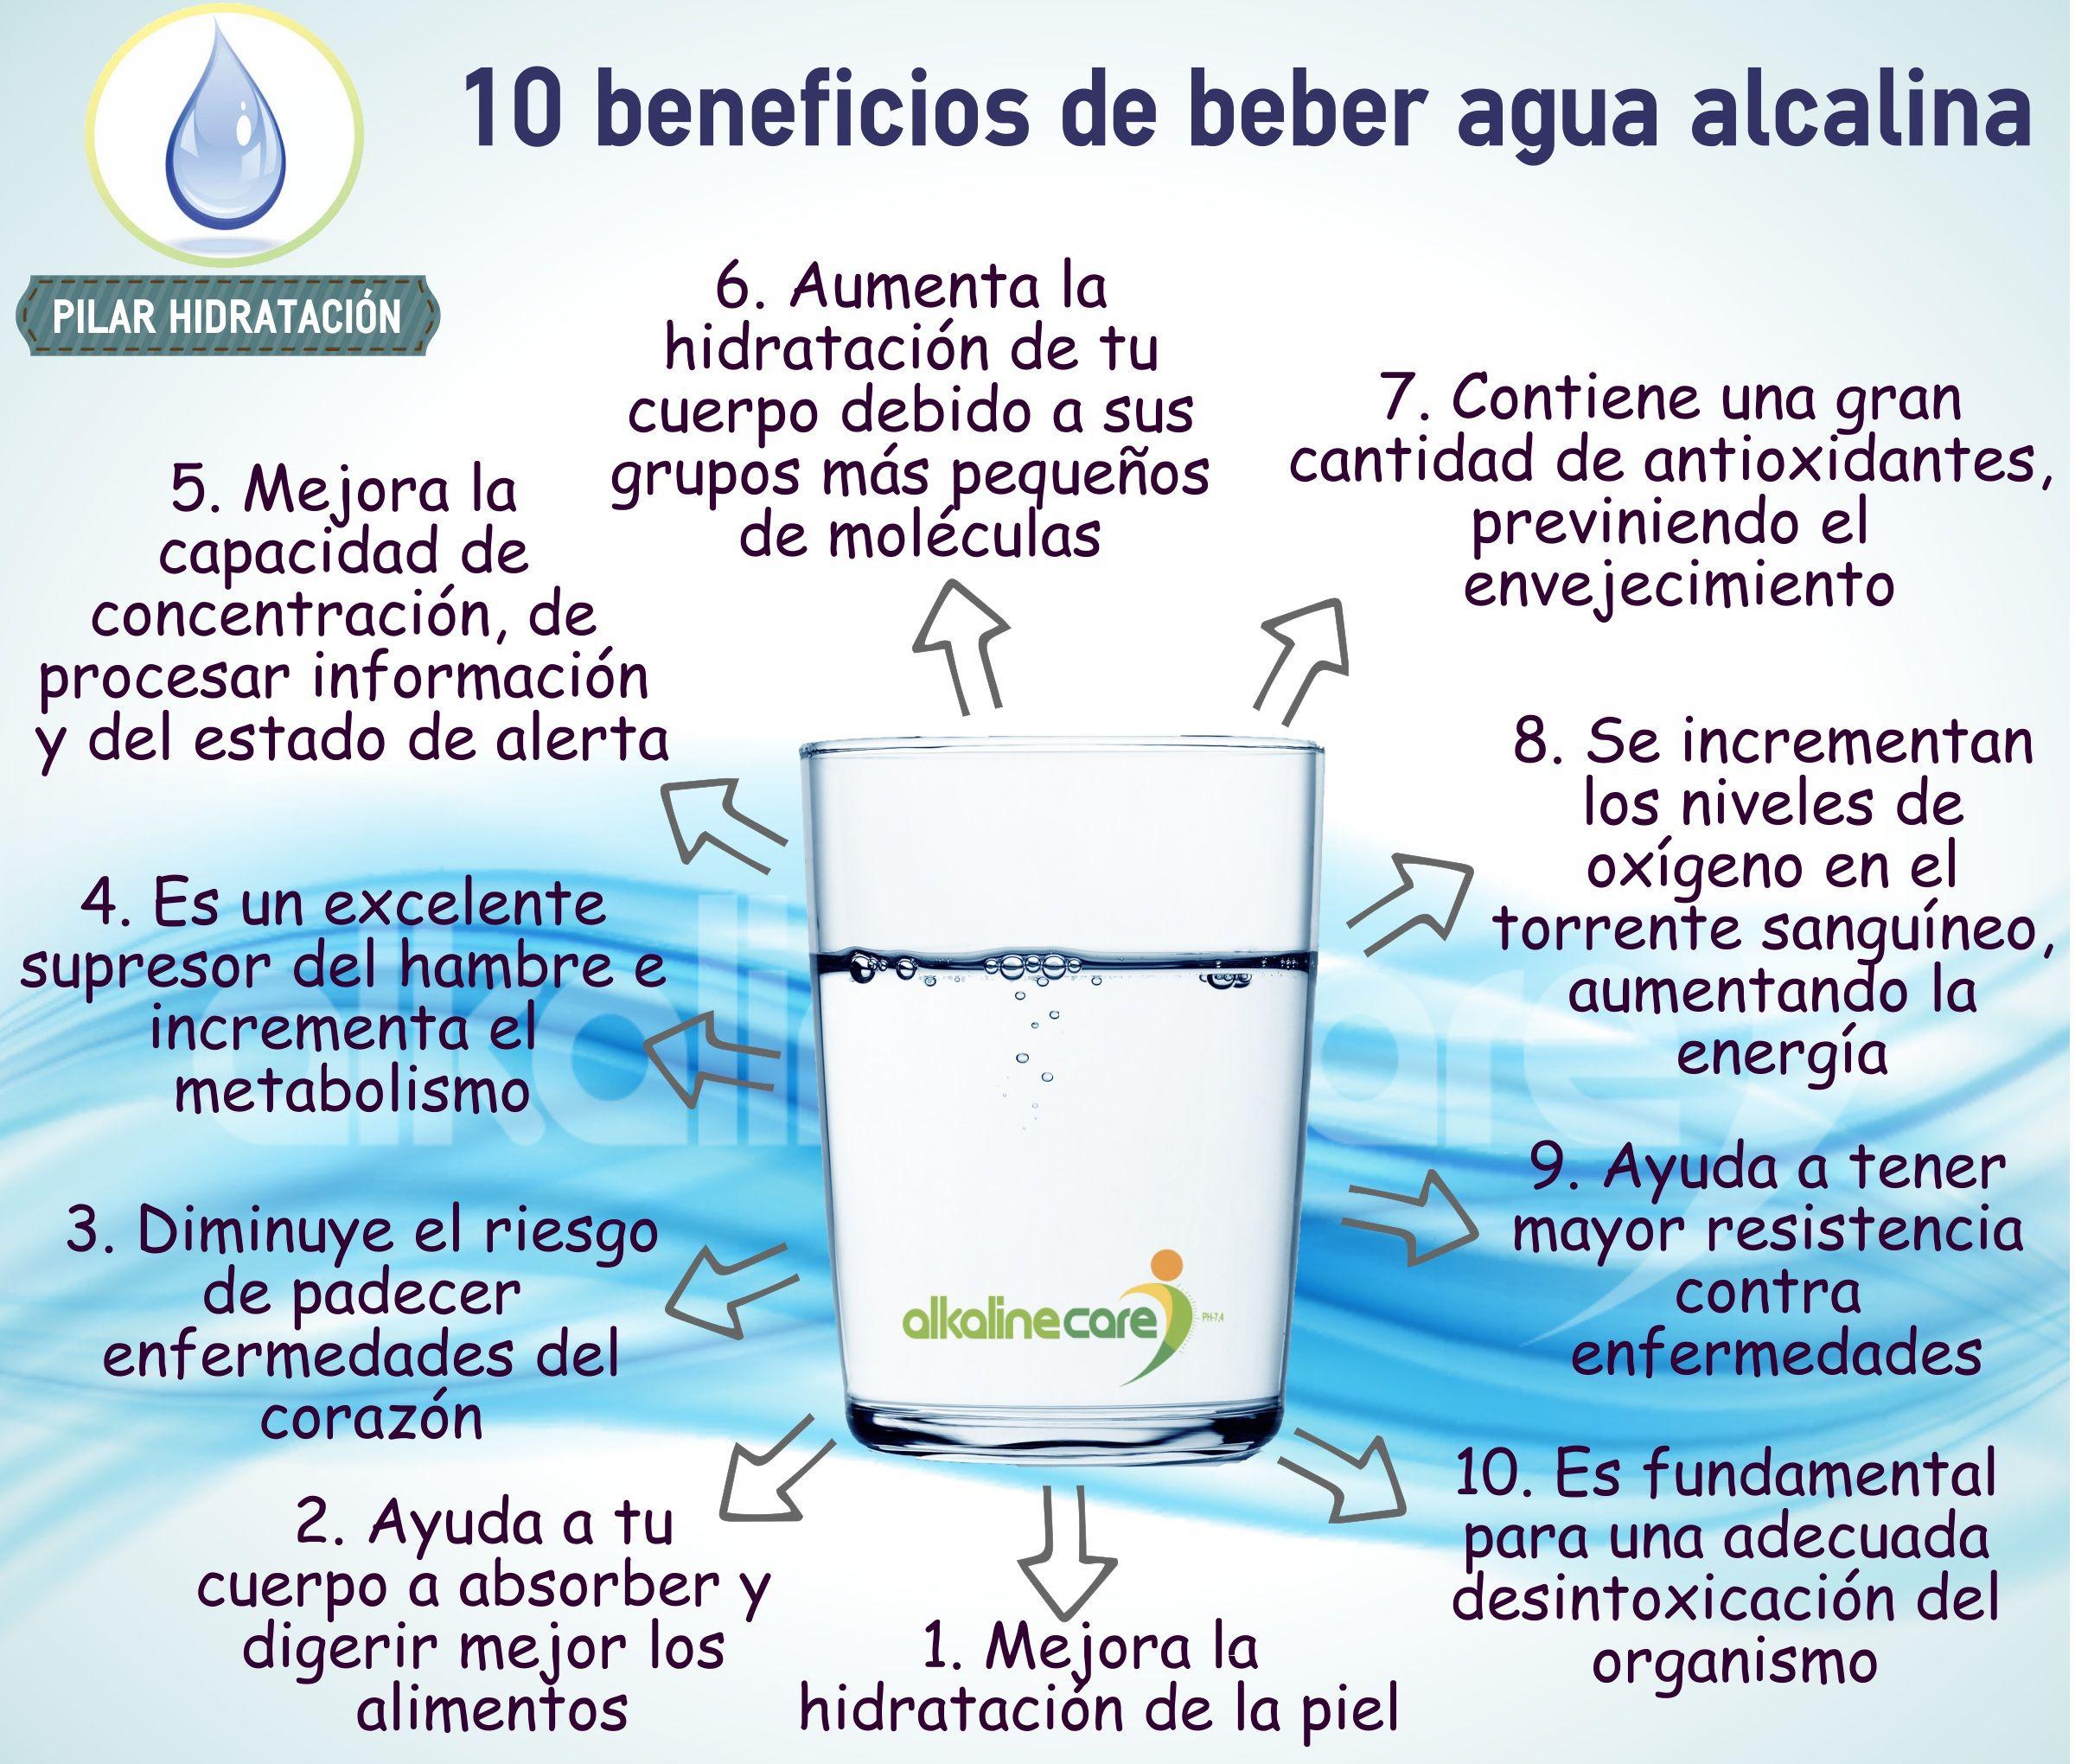 Resultado de imagem para imagens sobre beber agua alcalina